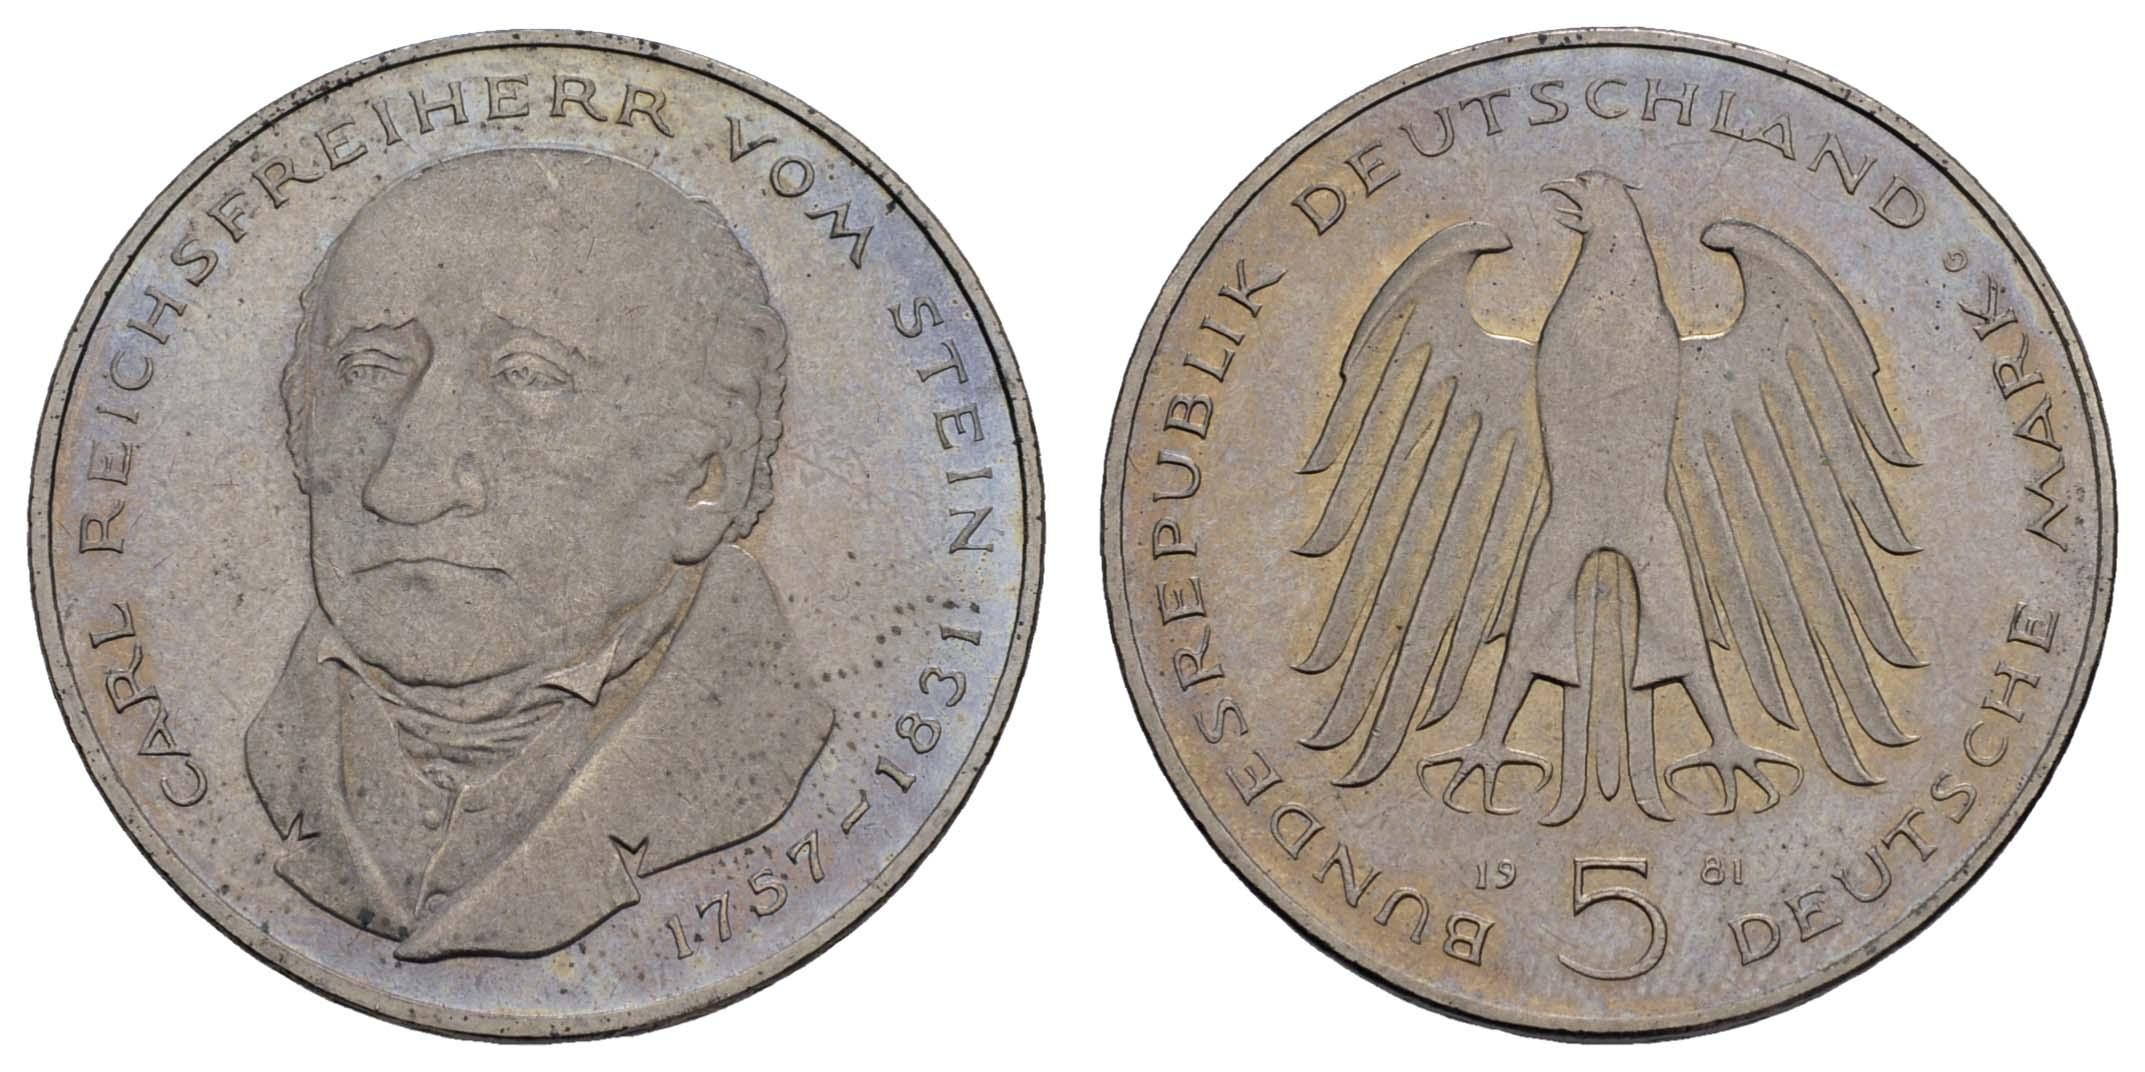 Lot 9252 - sammlungen BRD -  Auktionshaus Ulrich Felzmann GmbH & Co. KG Coins single lots